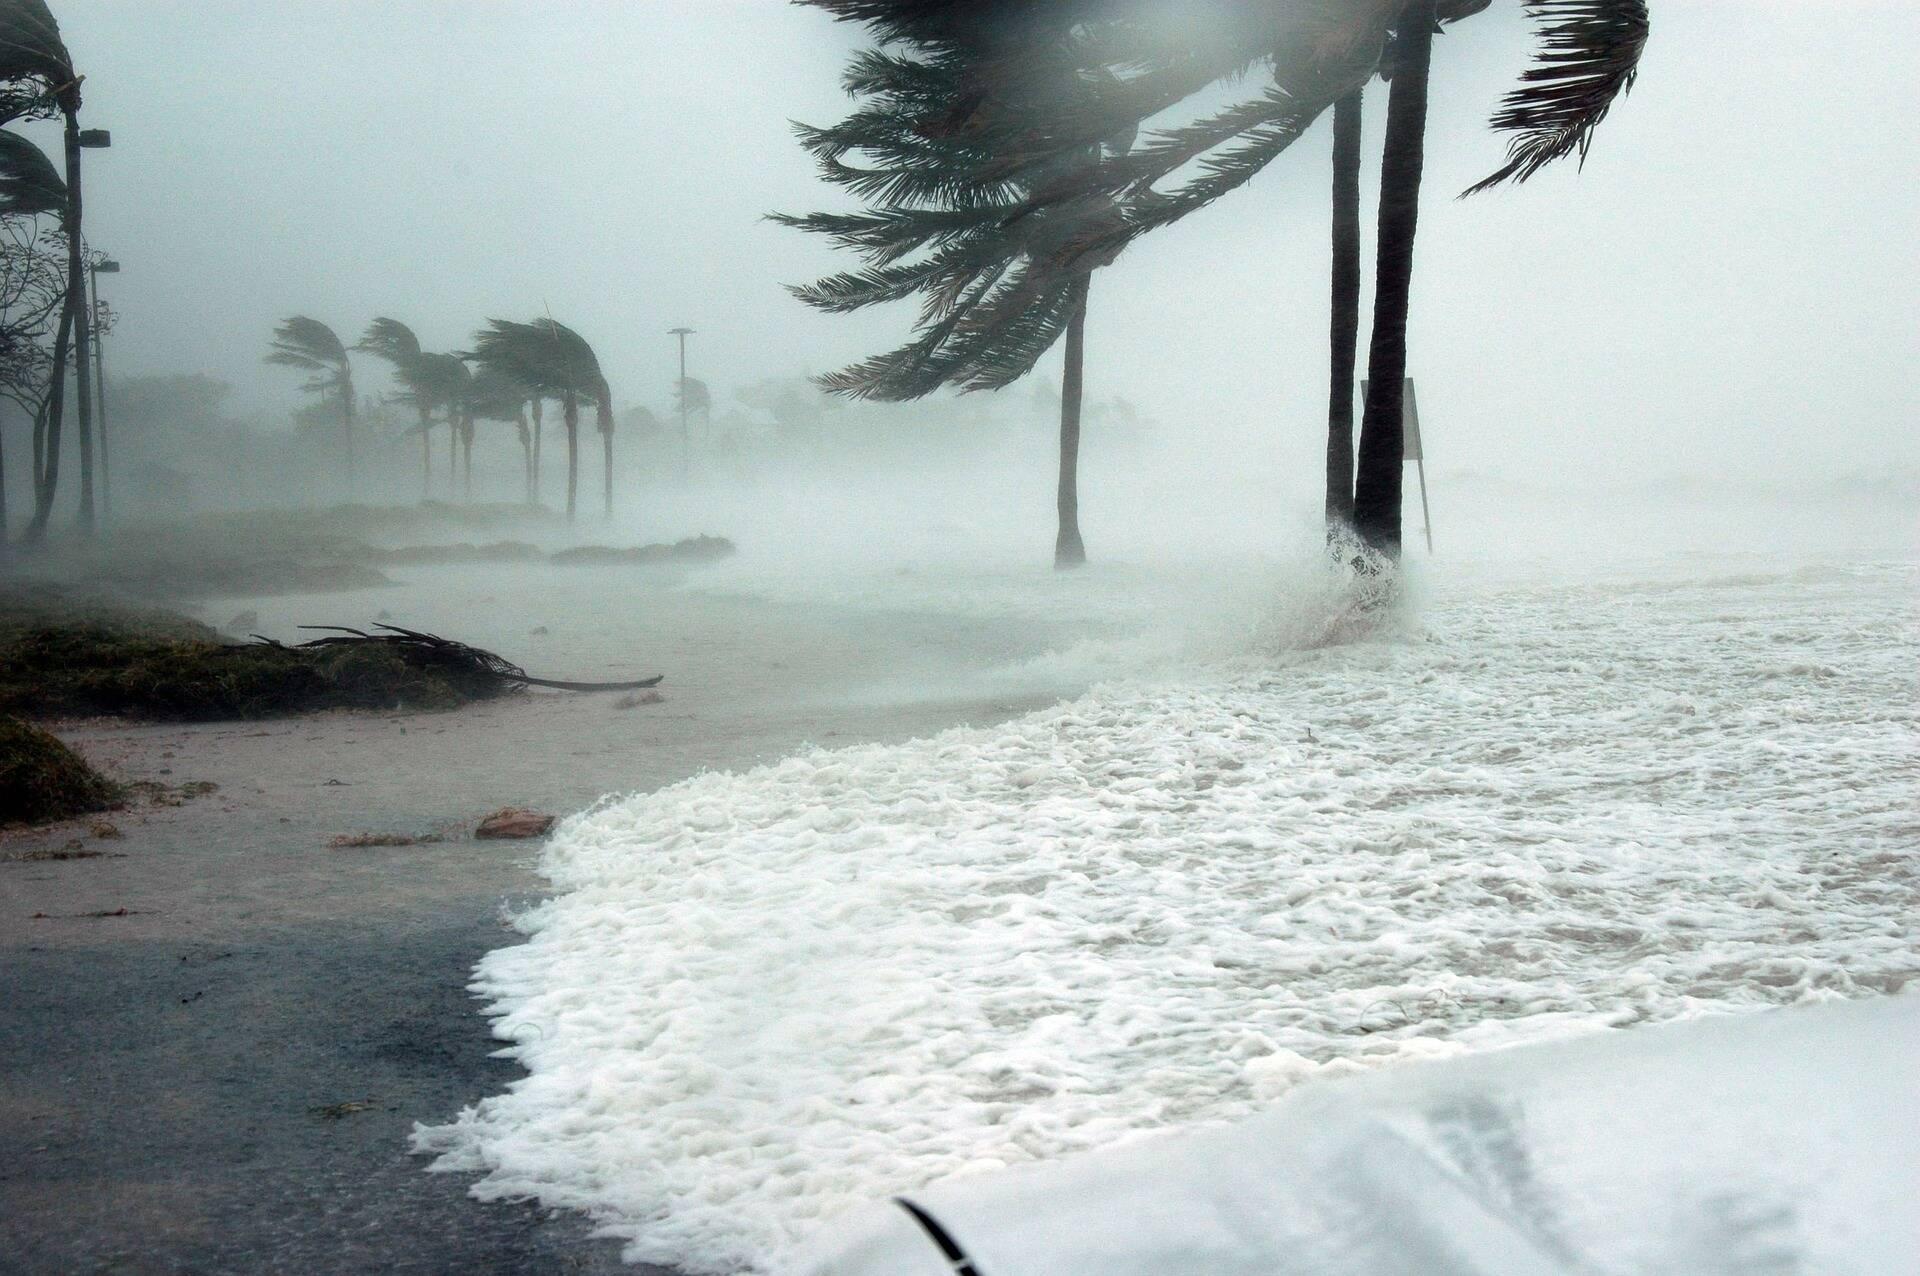 Até o momento não há informações concretas de todos os estragos causados pelo furacão. As autoridades ainda estão em alerta. (Foto: Pixabay)